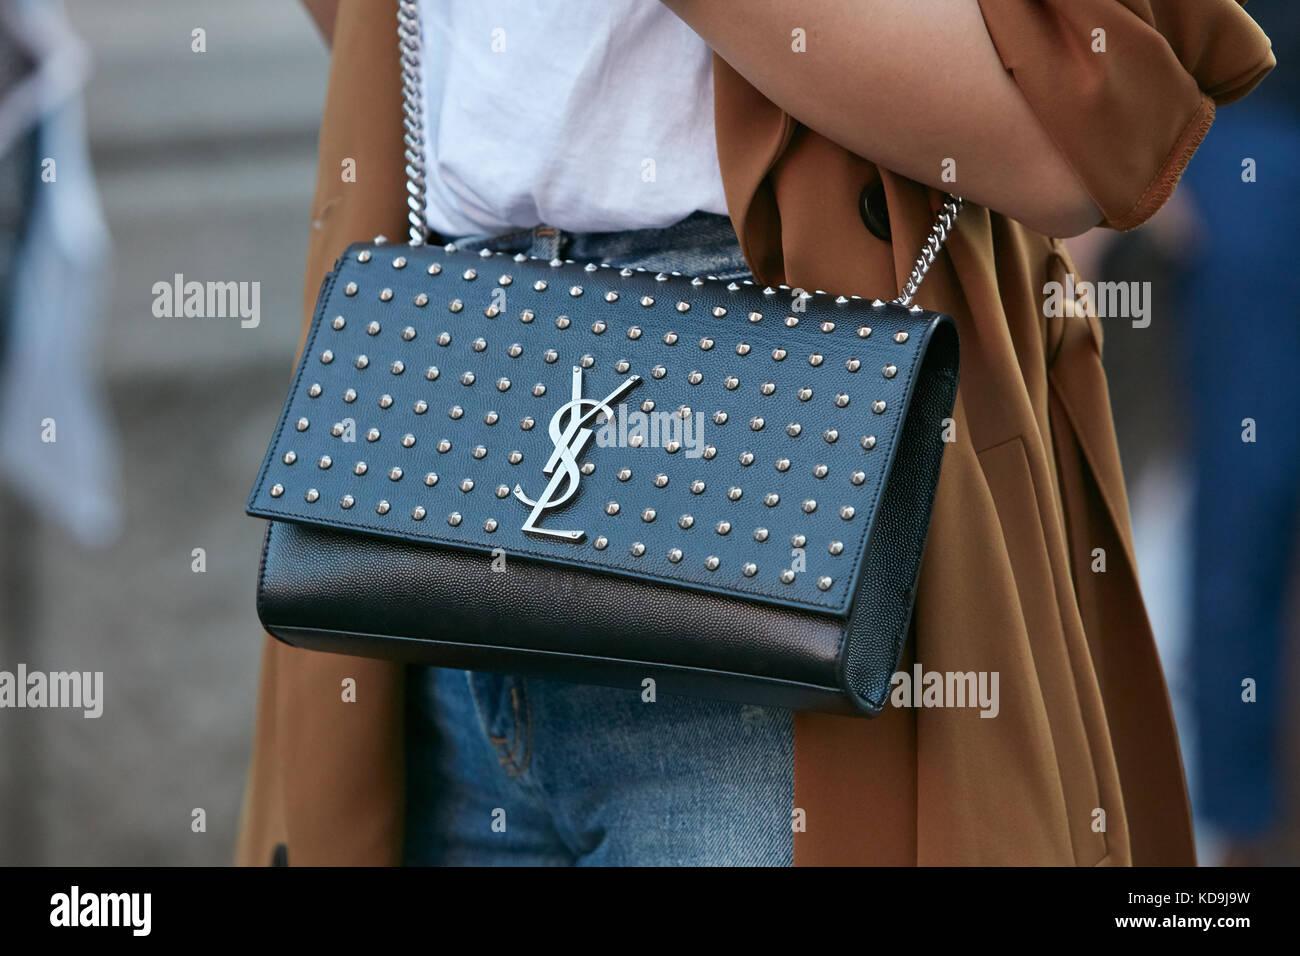 Milan - 21 septembre   femme avec cuir noir avec clous sac Yves Saint  Laurent avant fb141e1b6af